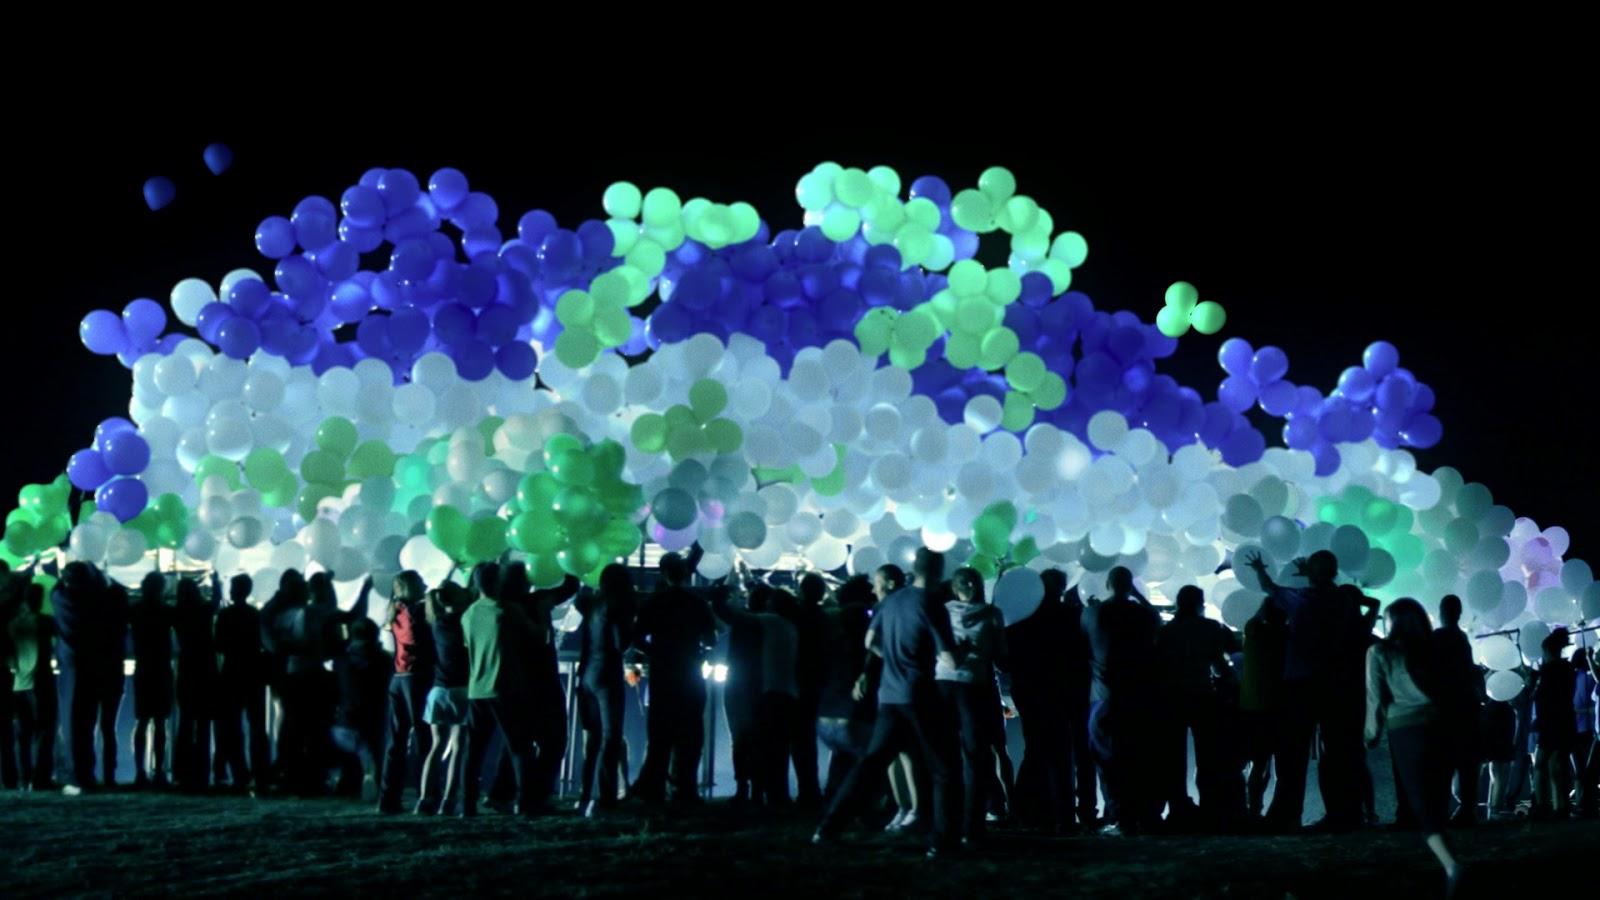 Светящиеся шары для запуска в небо